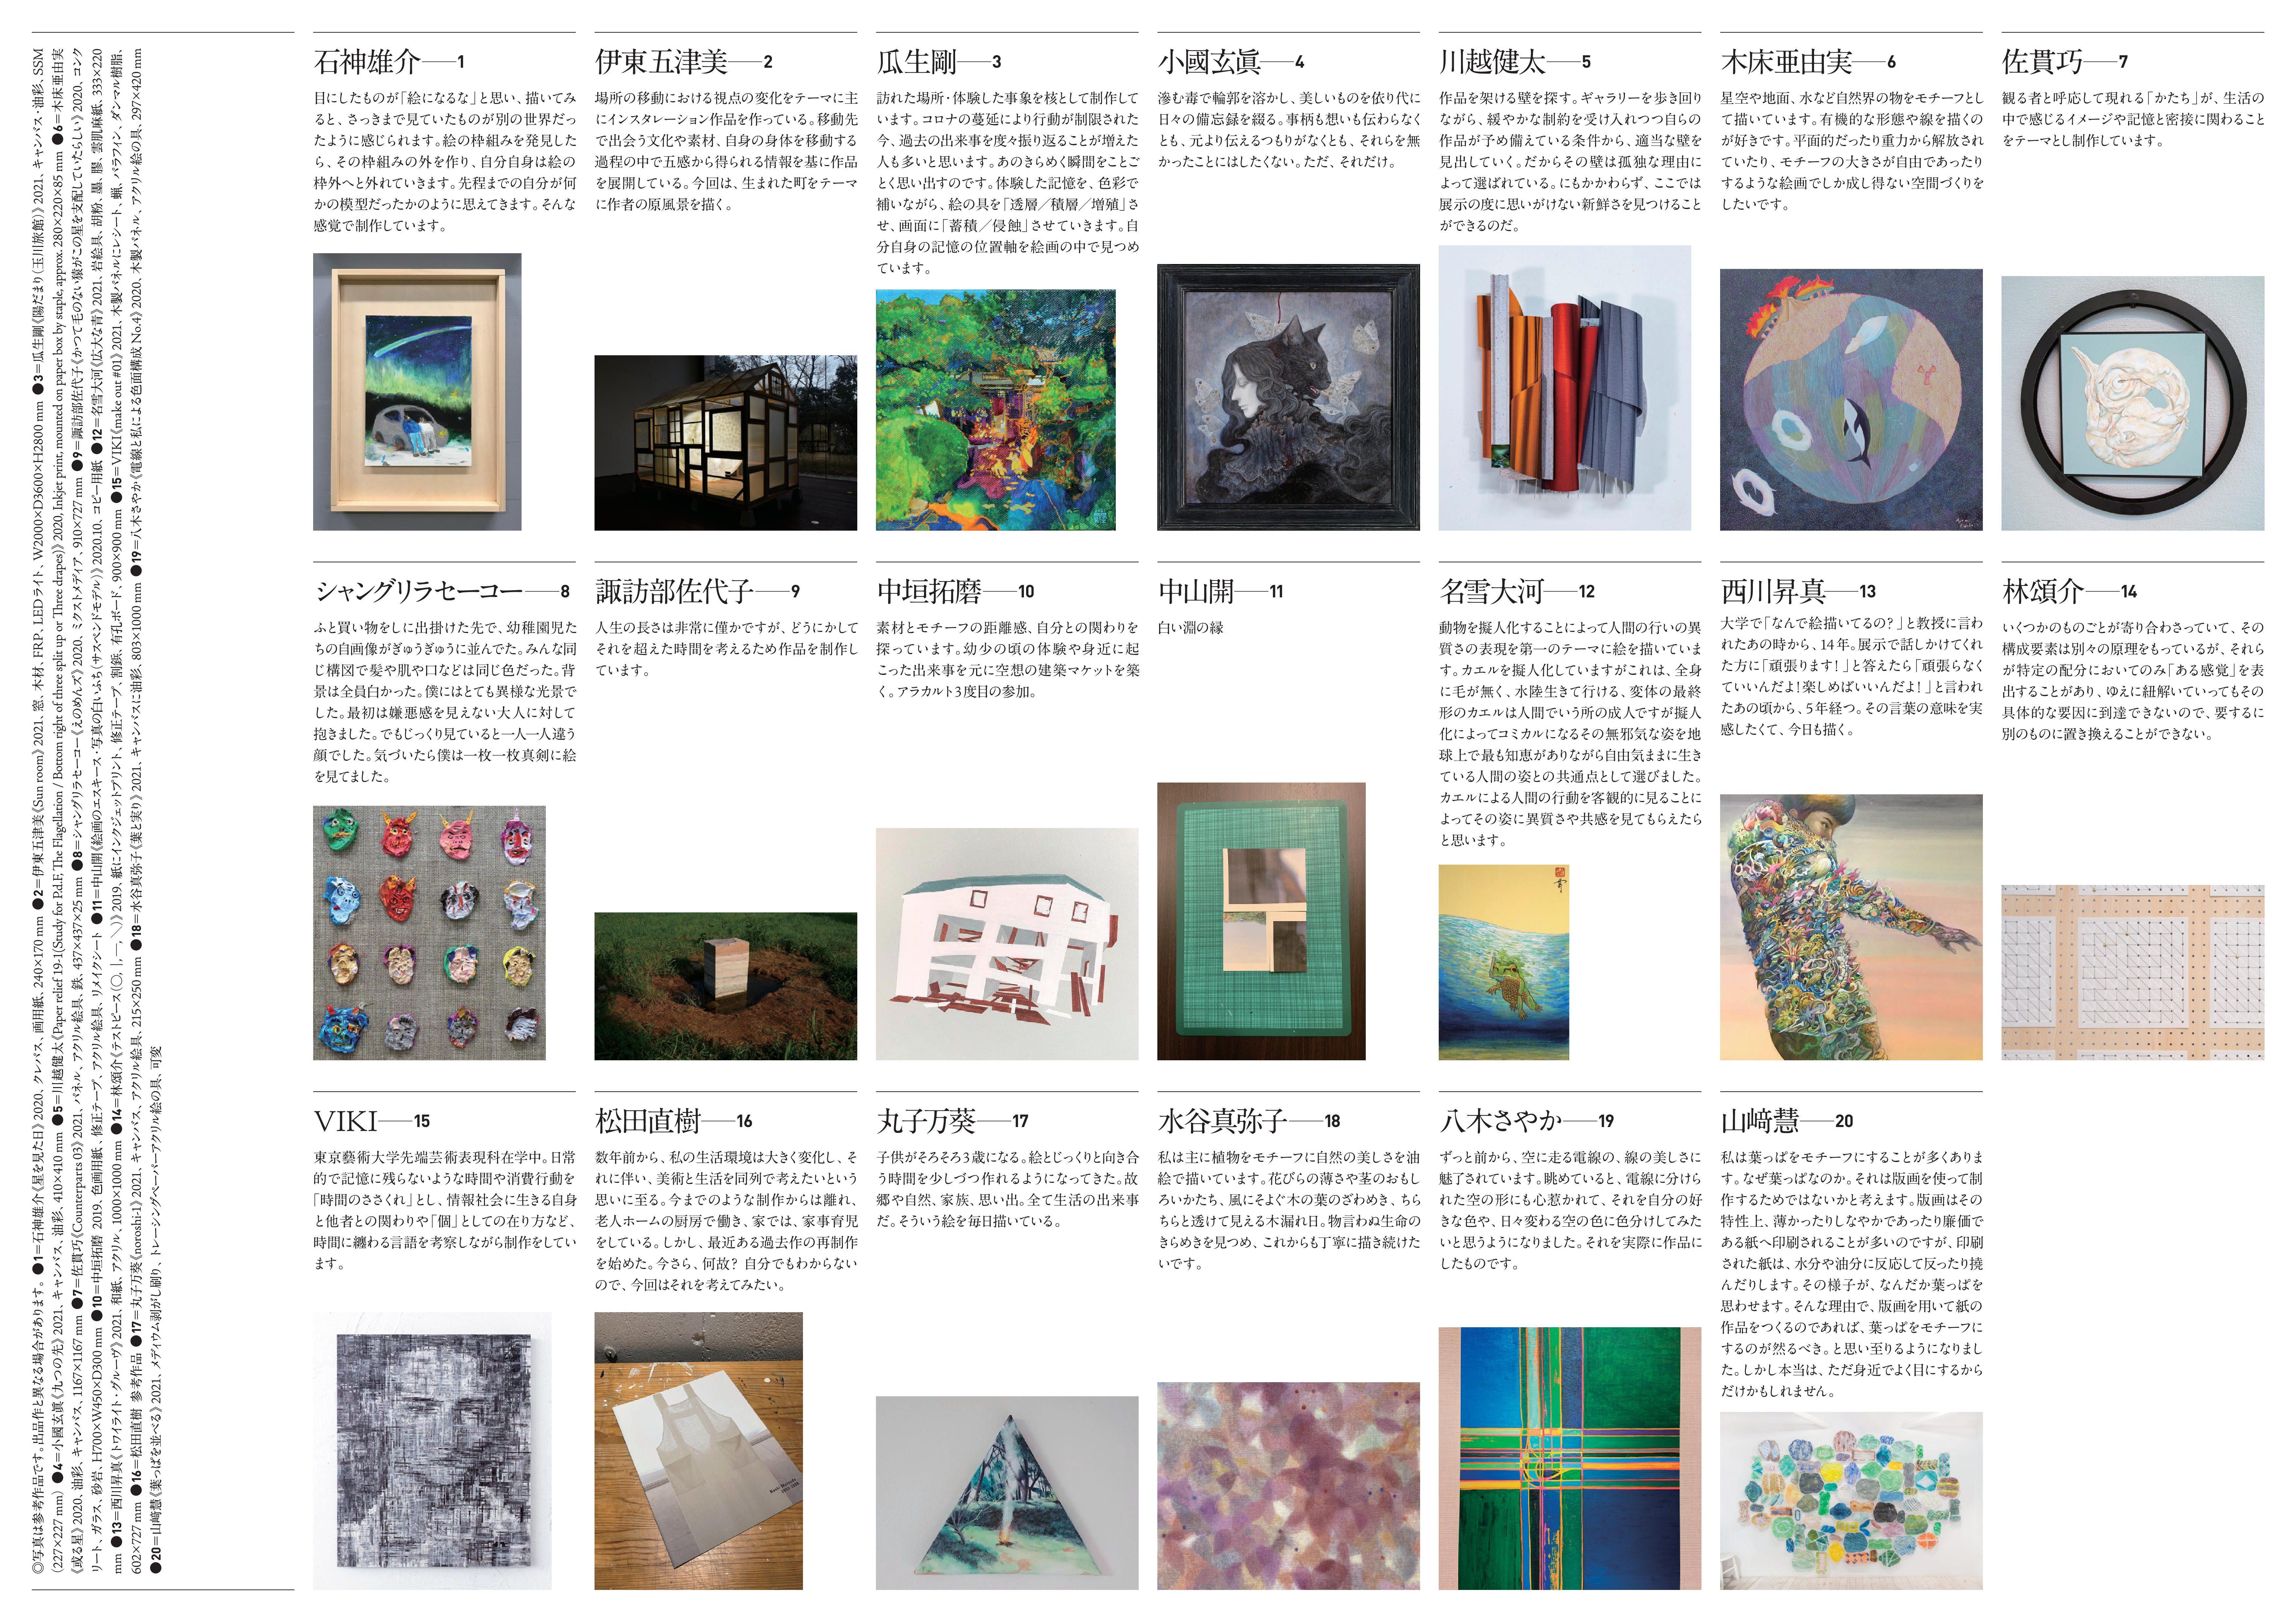 ふなばし現代アート展アラカルト第6回